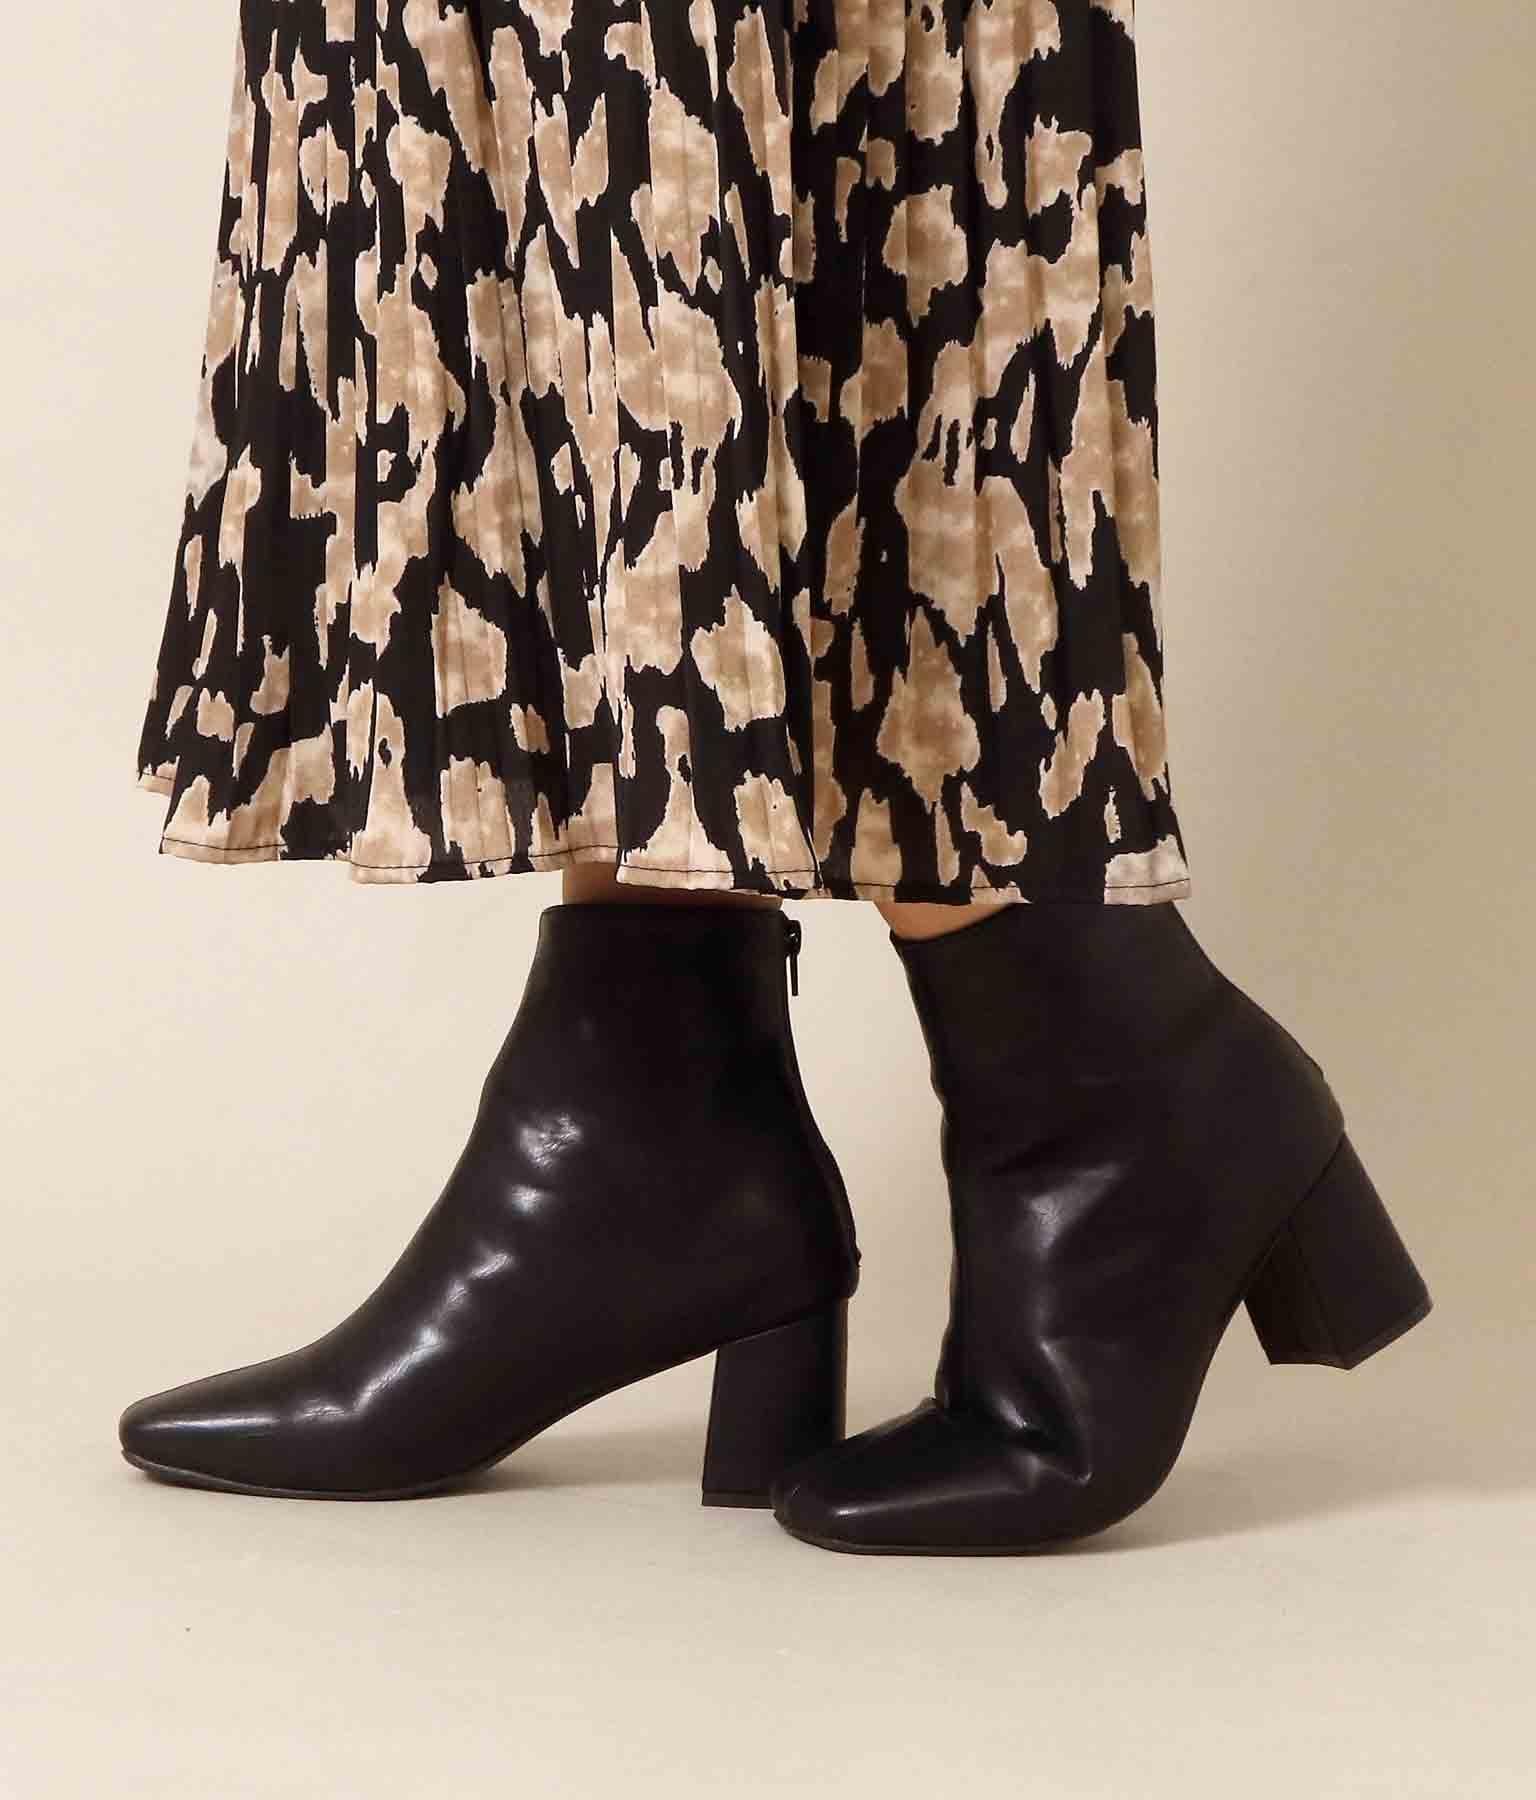 スクエアトゥシンプルブーツ(シューズ・靴/ブーツ)   CHILLE